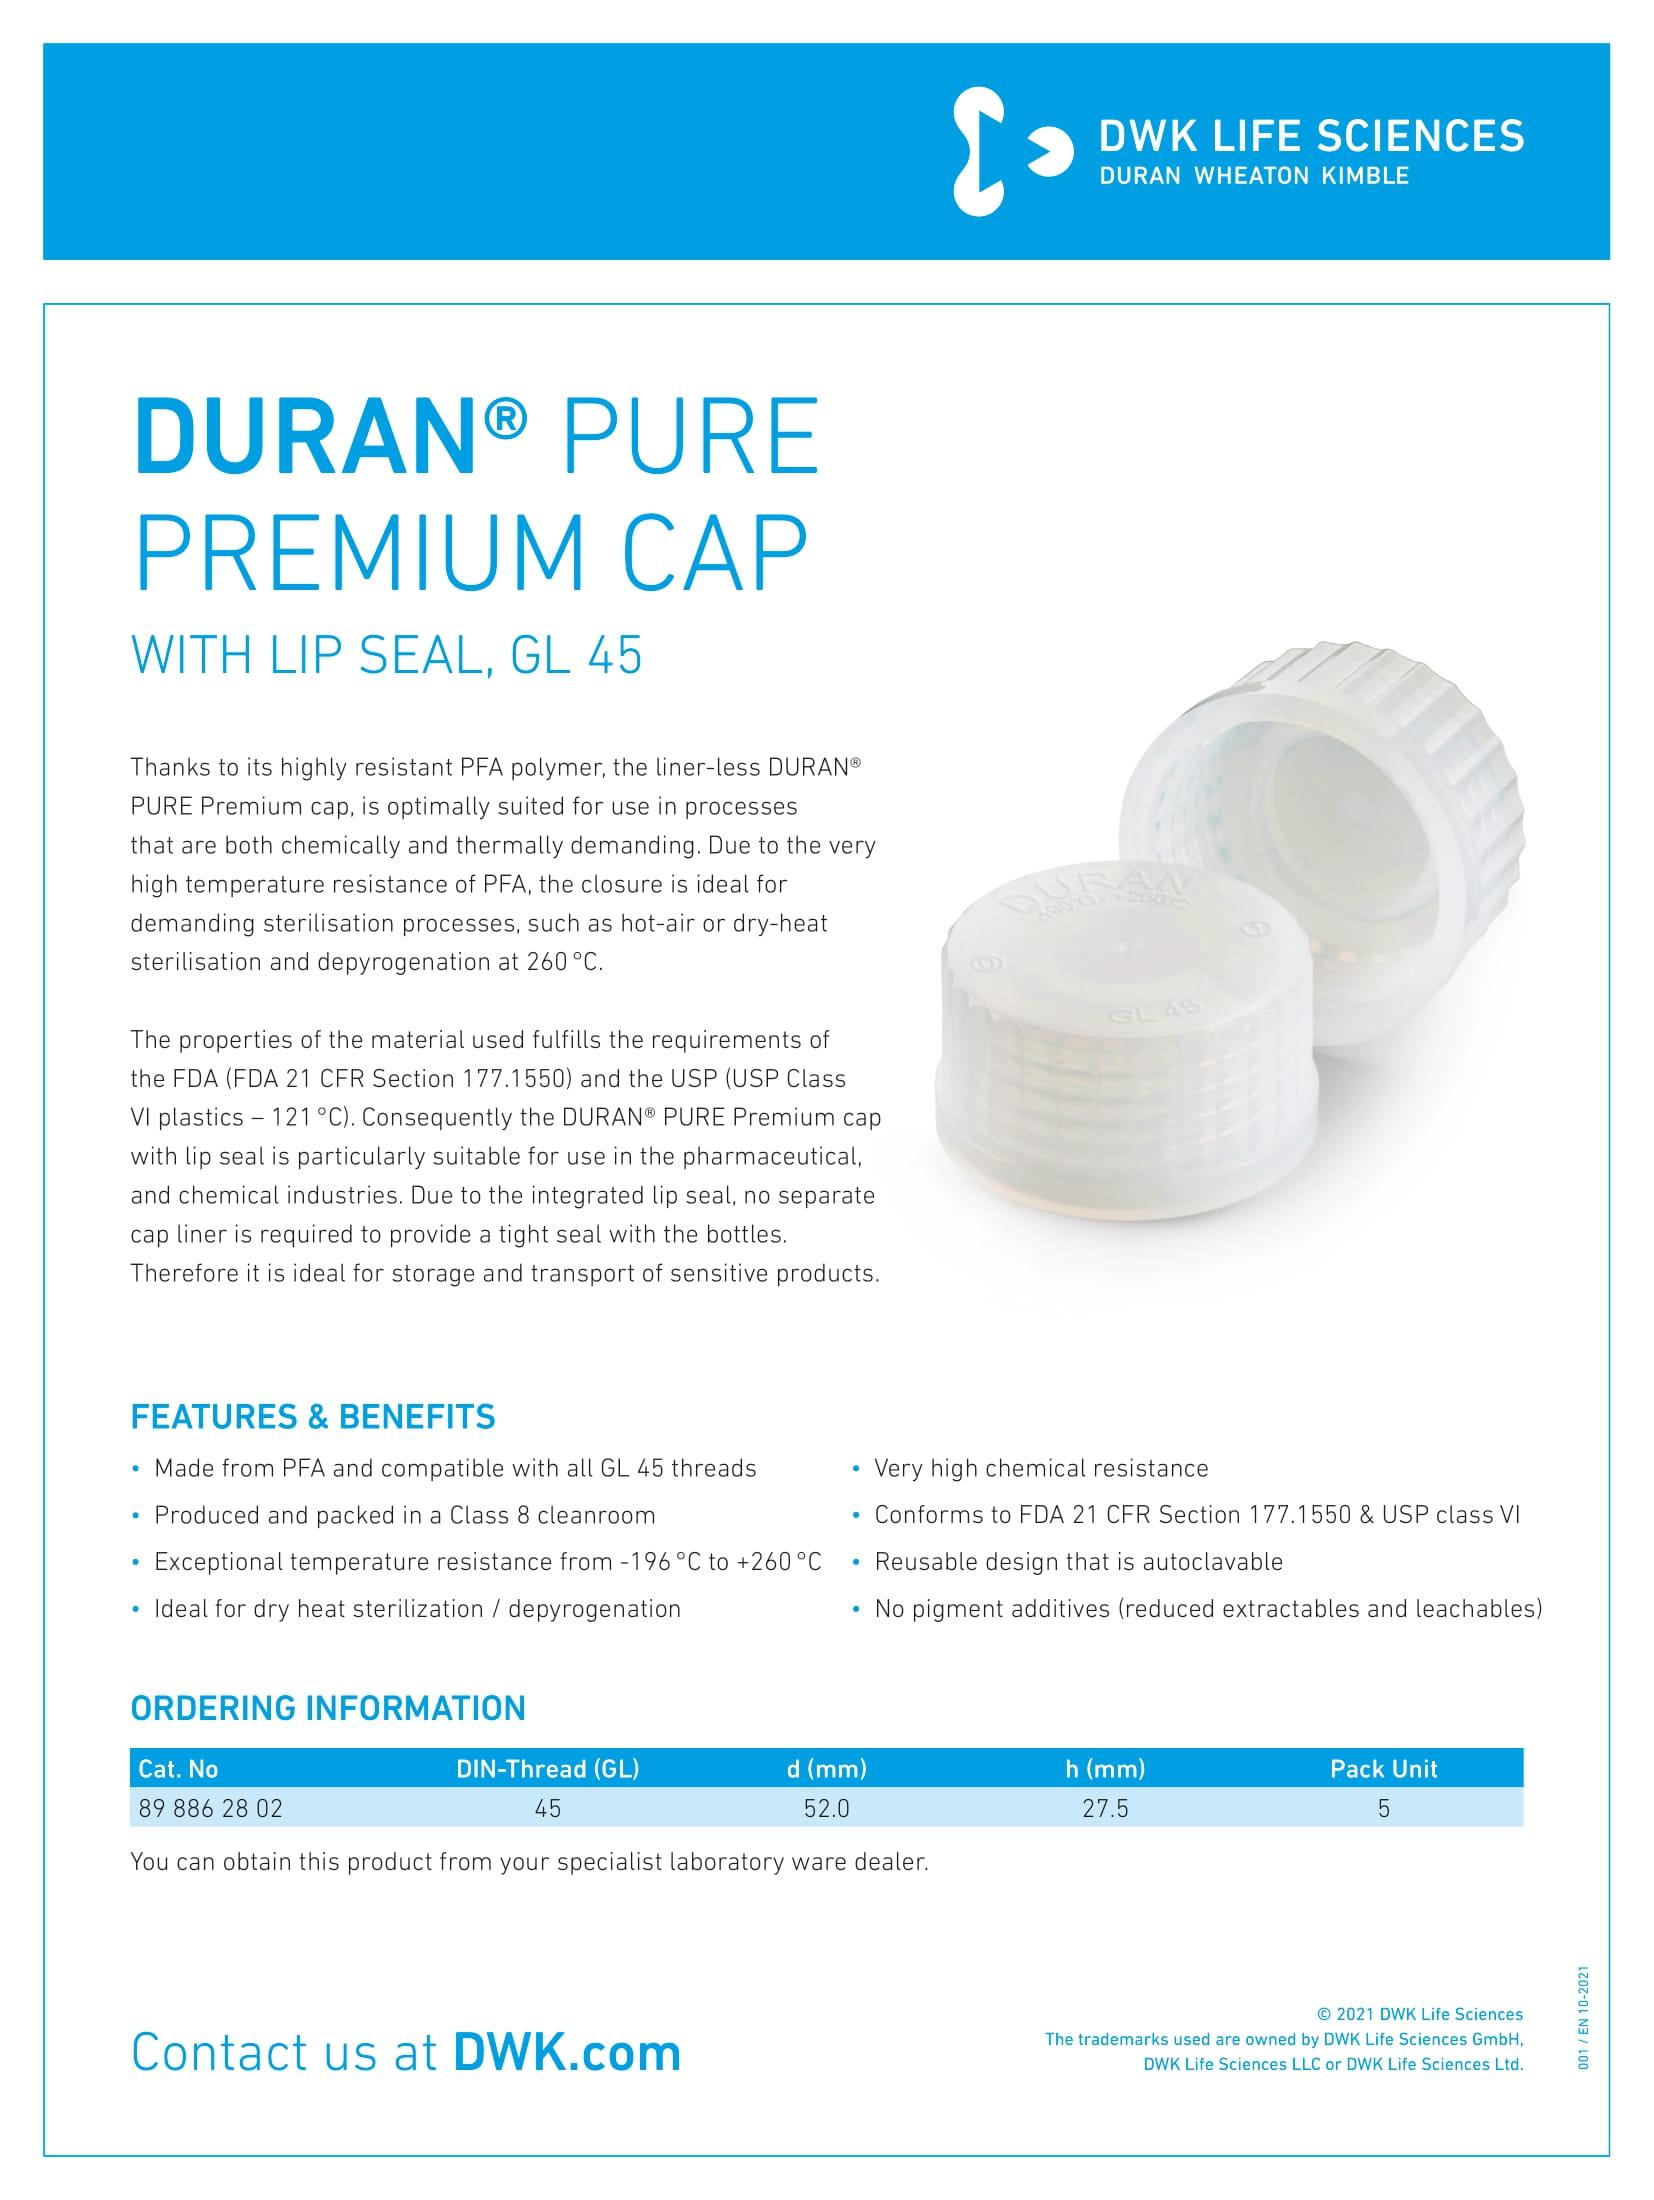 DURAN® PURE Premium Cap with Lip Seal, GL 45